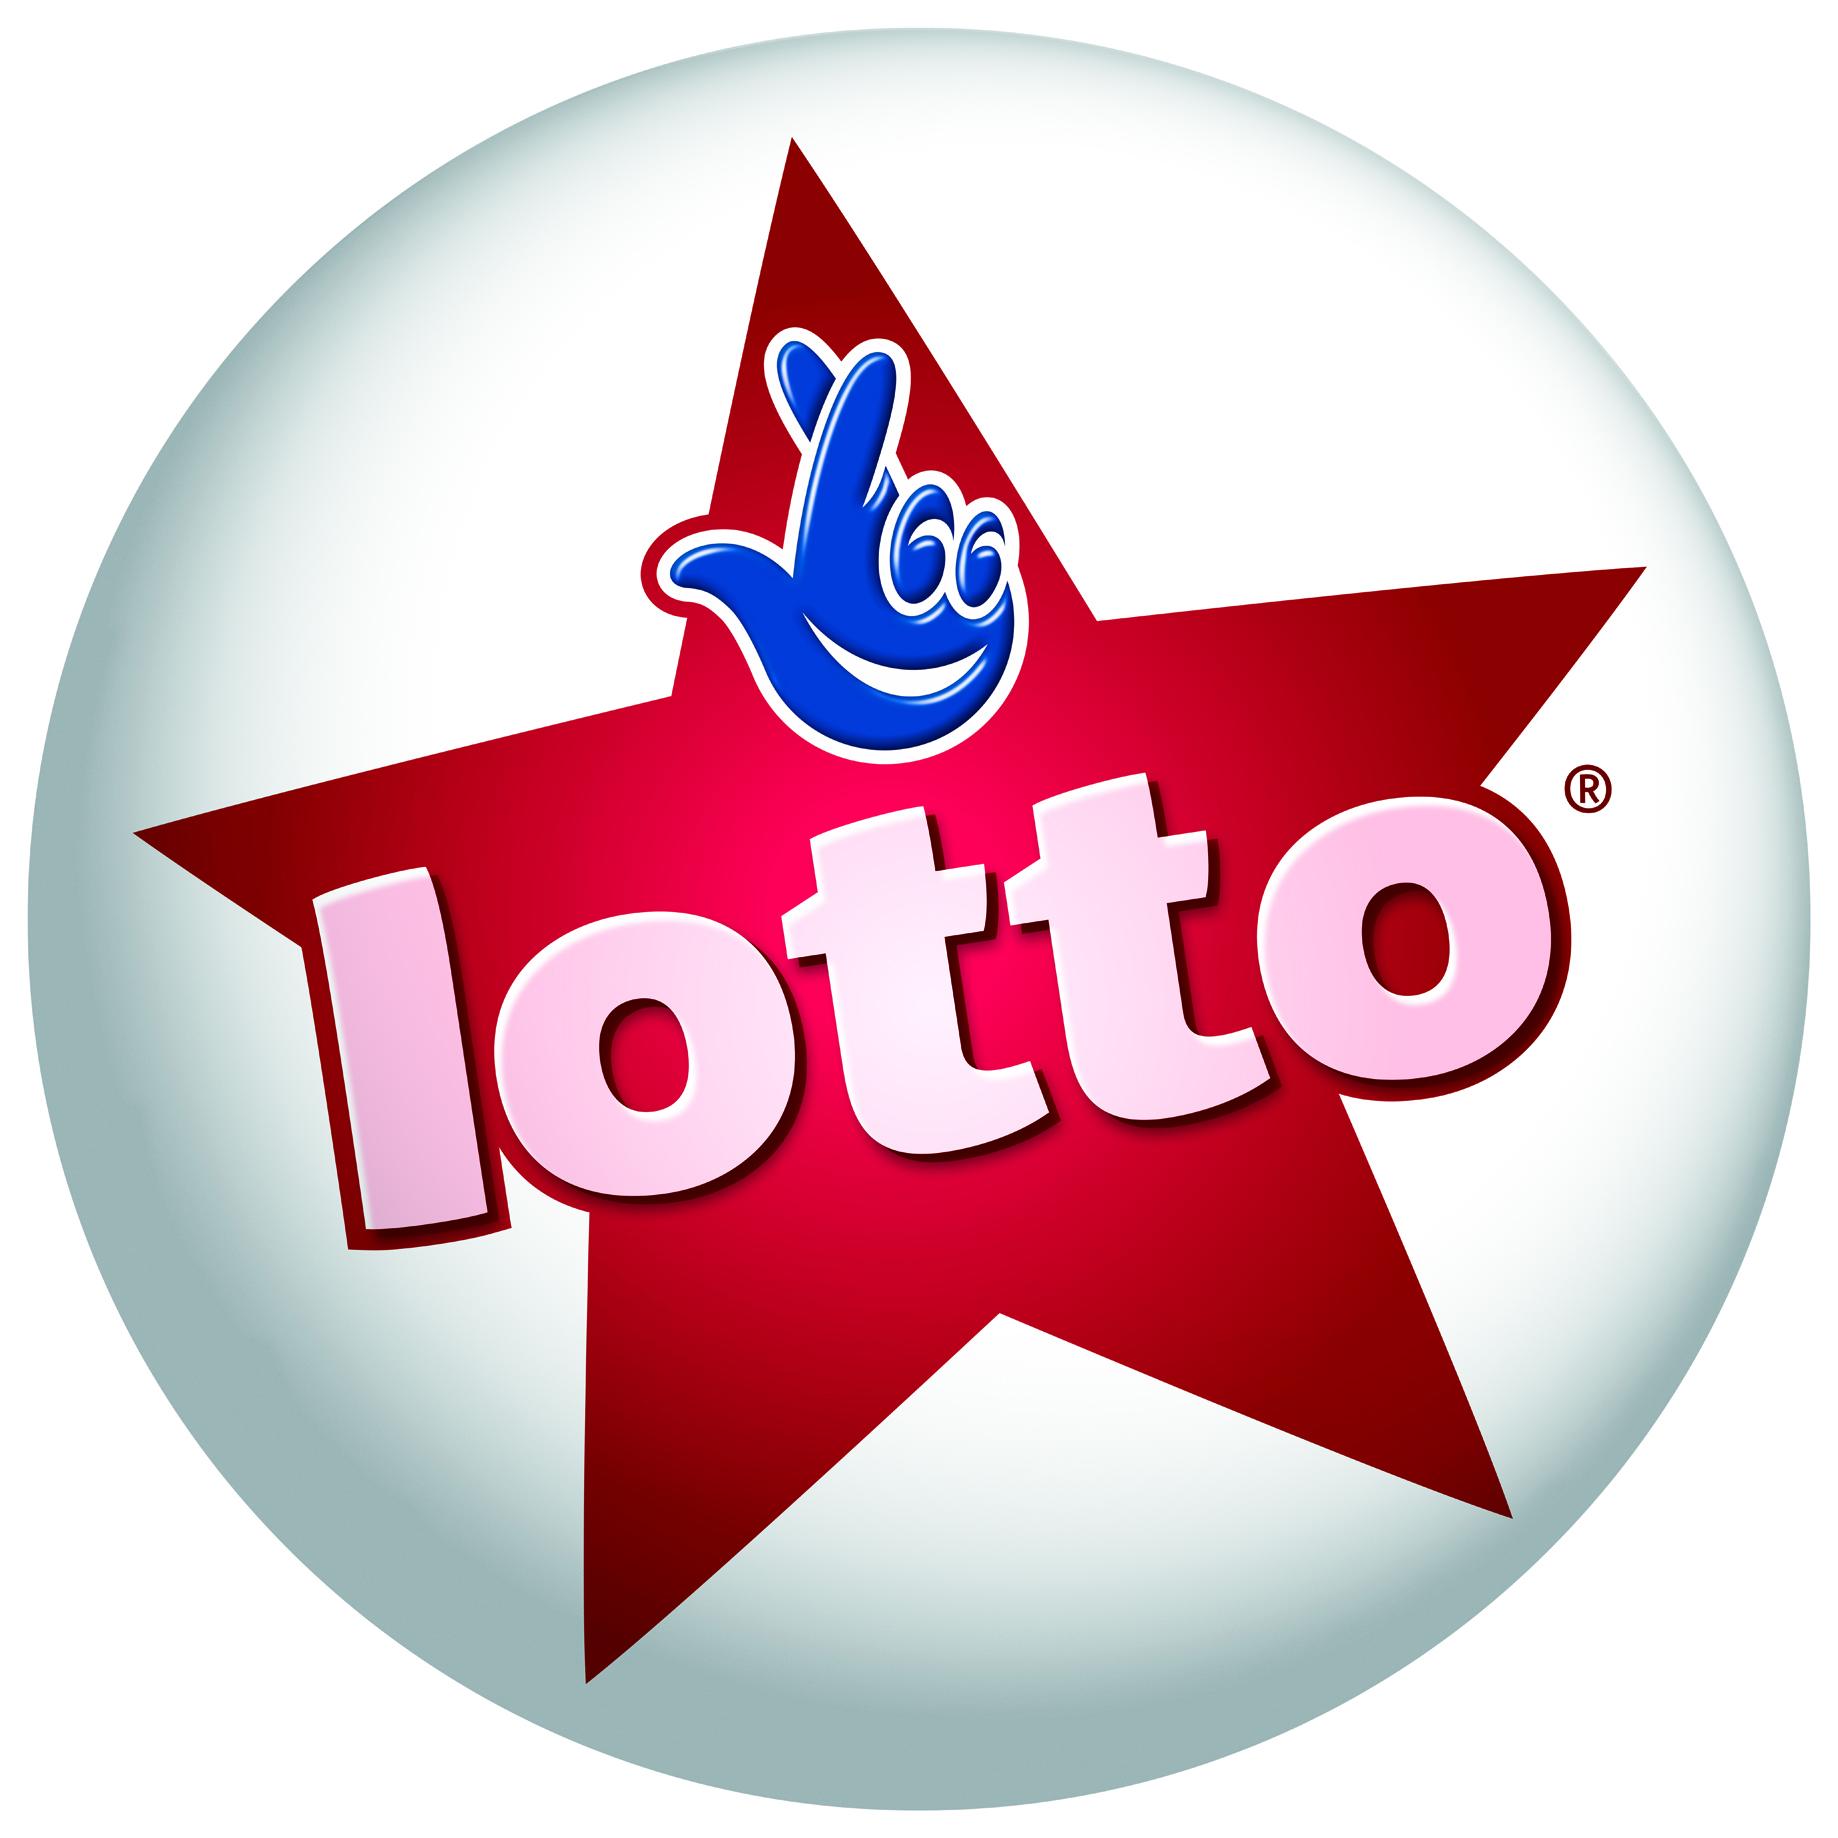 Camelot-lotto-logo-2013.460